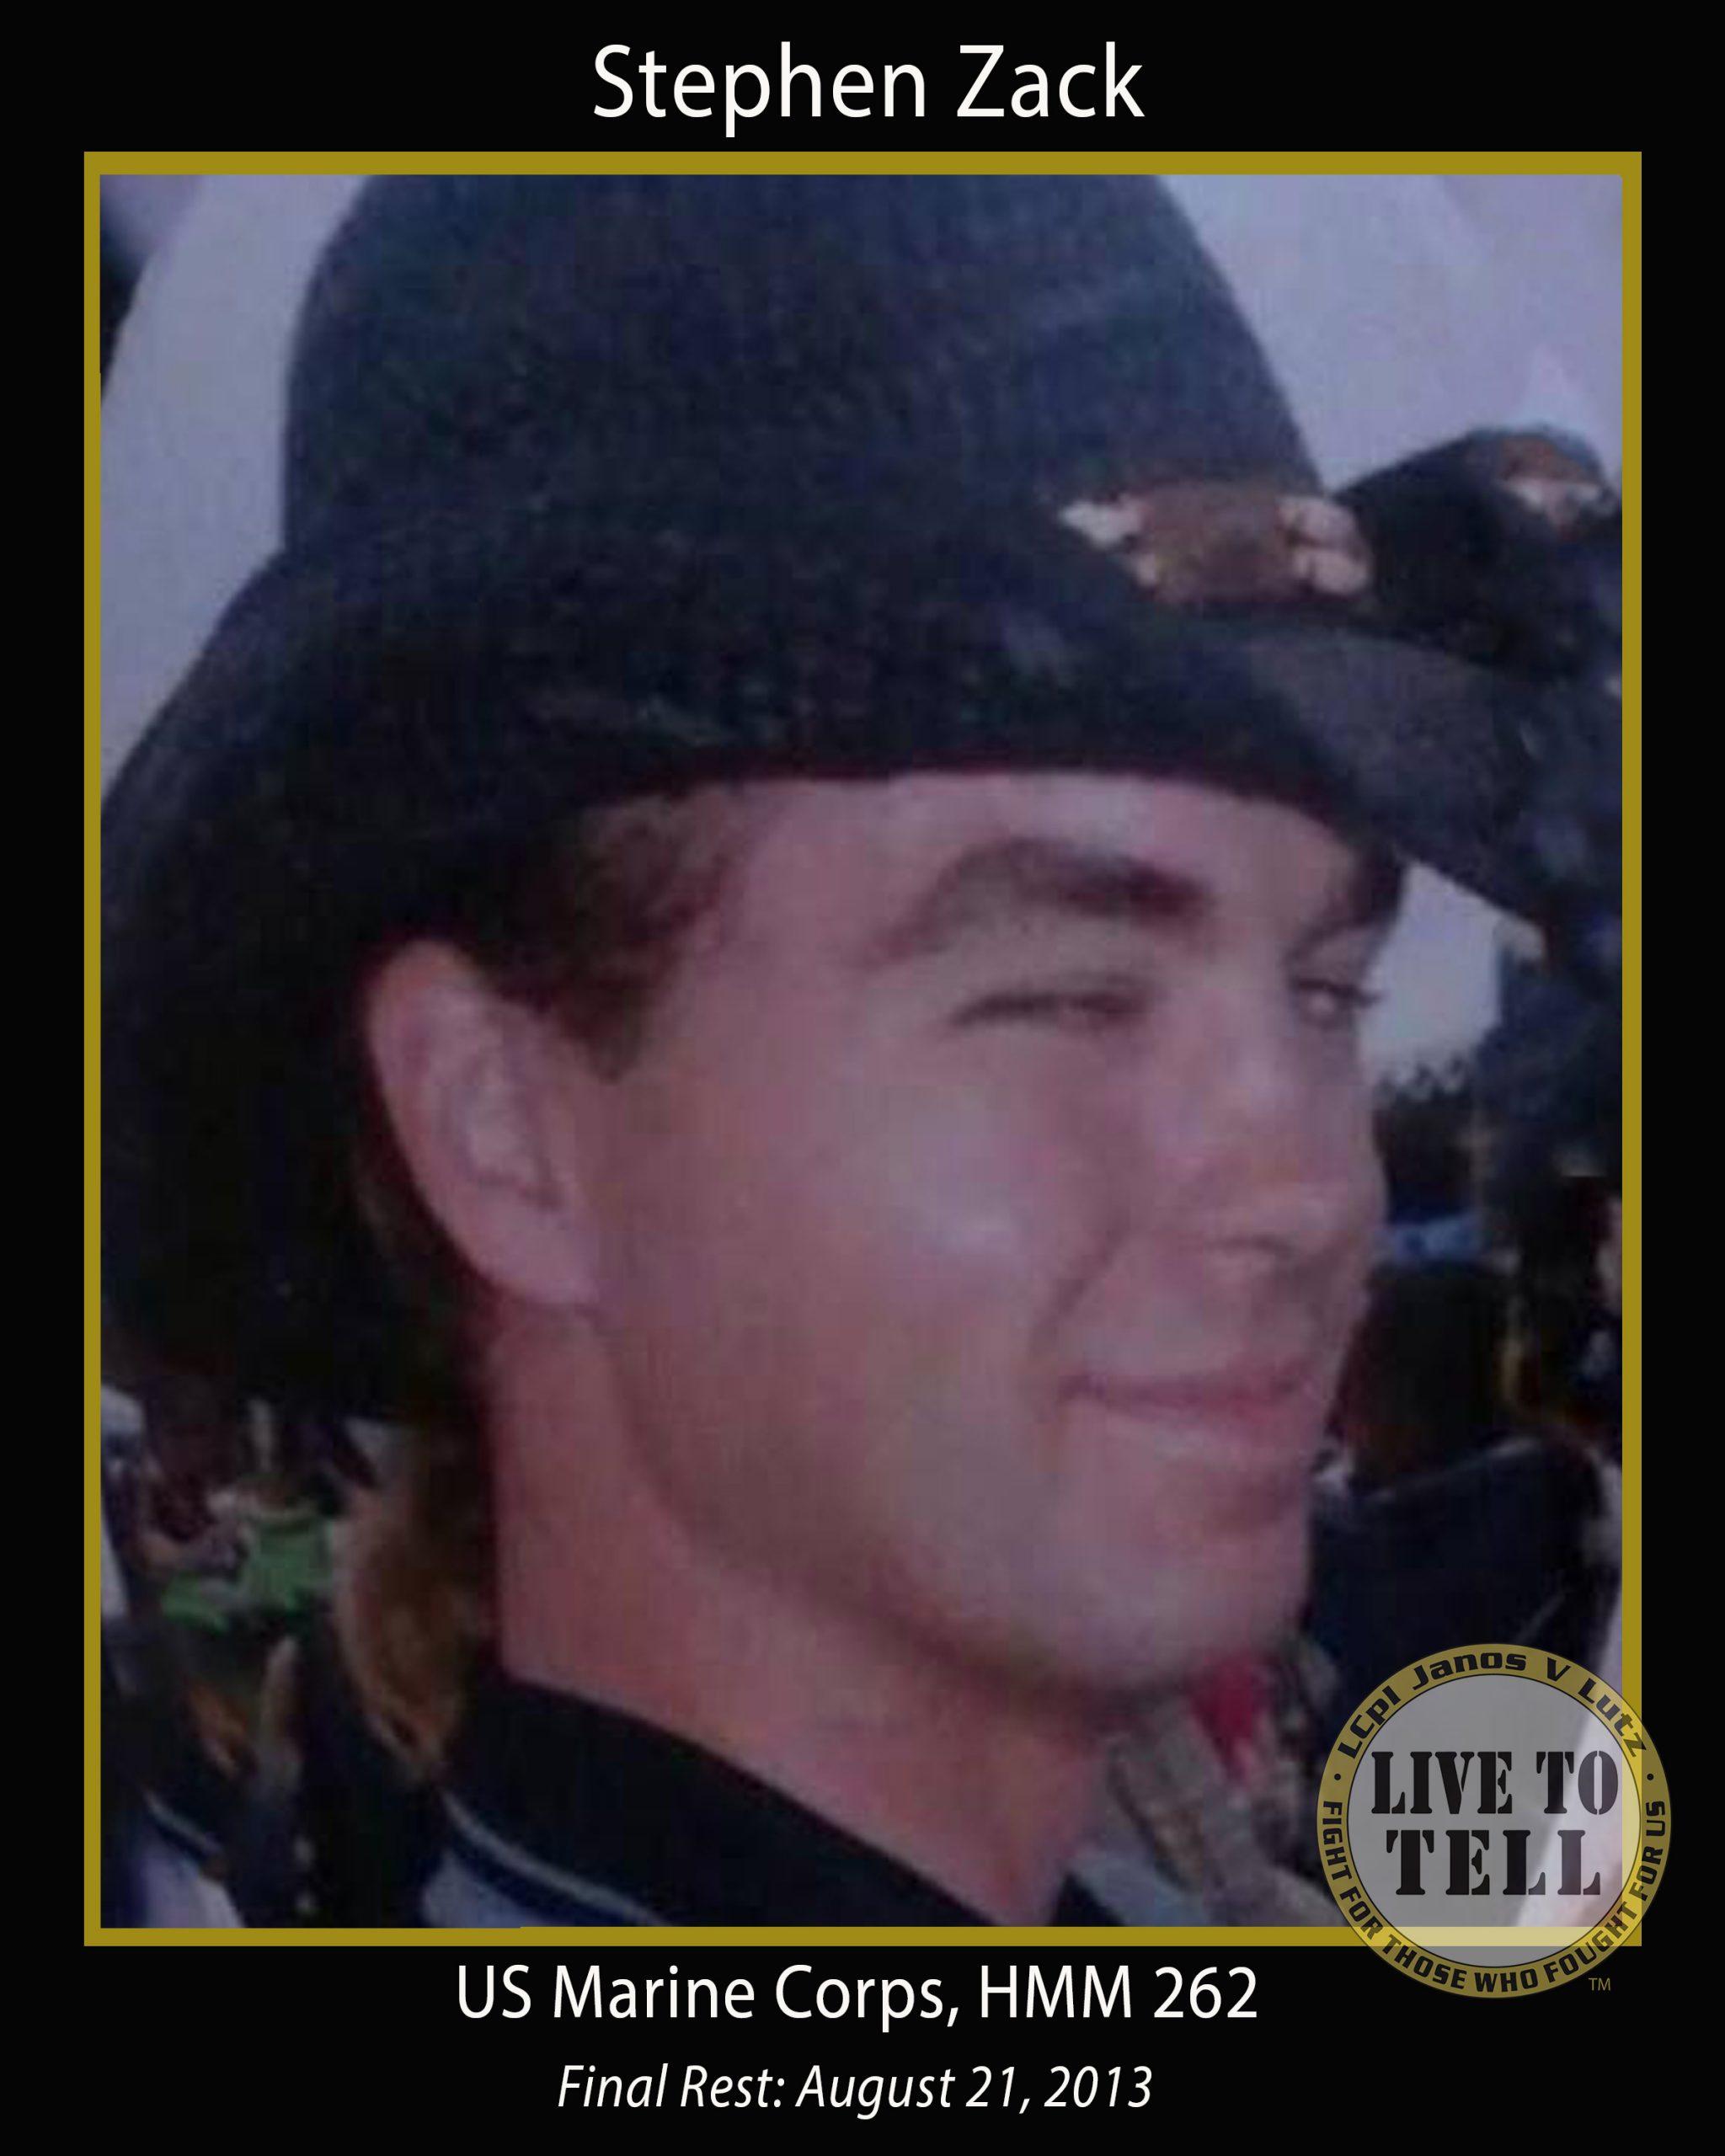 Stephen Lynn Zack, 33